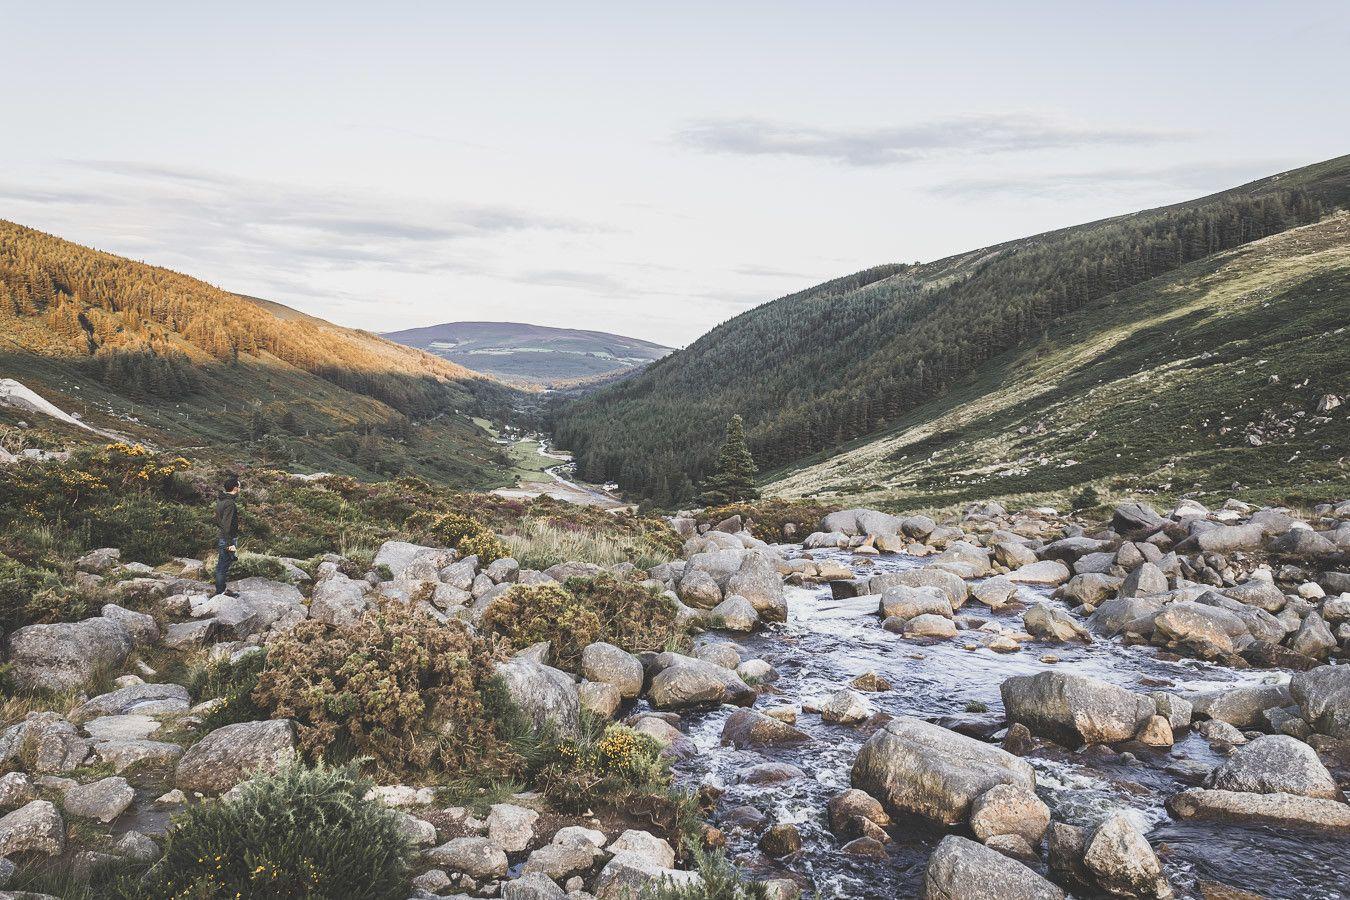 Vous rêvez ou planifiez un road trip en Irlande ? Vous partez en vacances à Dublin et souhaitez faire une excursion en dehors de la ville ? Pensez au Parc National des Montagnes de Wicklow ! C'est un paradis pour les randonneurs et pour les amoureux de grands espaces. Irlande road trip / Road trip Irlande / Irlande paysage / Irlande voyage / Voyage Irlande / Voyage en Irlande / Dublin / Wicklow ireland / Wicklow mountains / Wicklow Mountains National Park